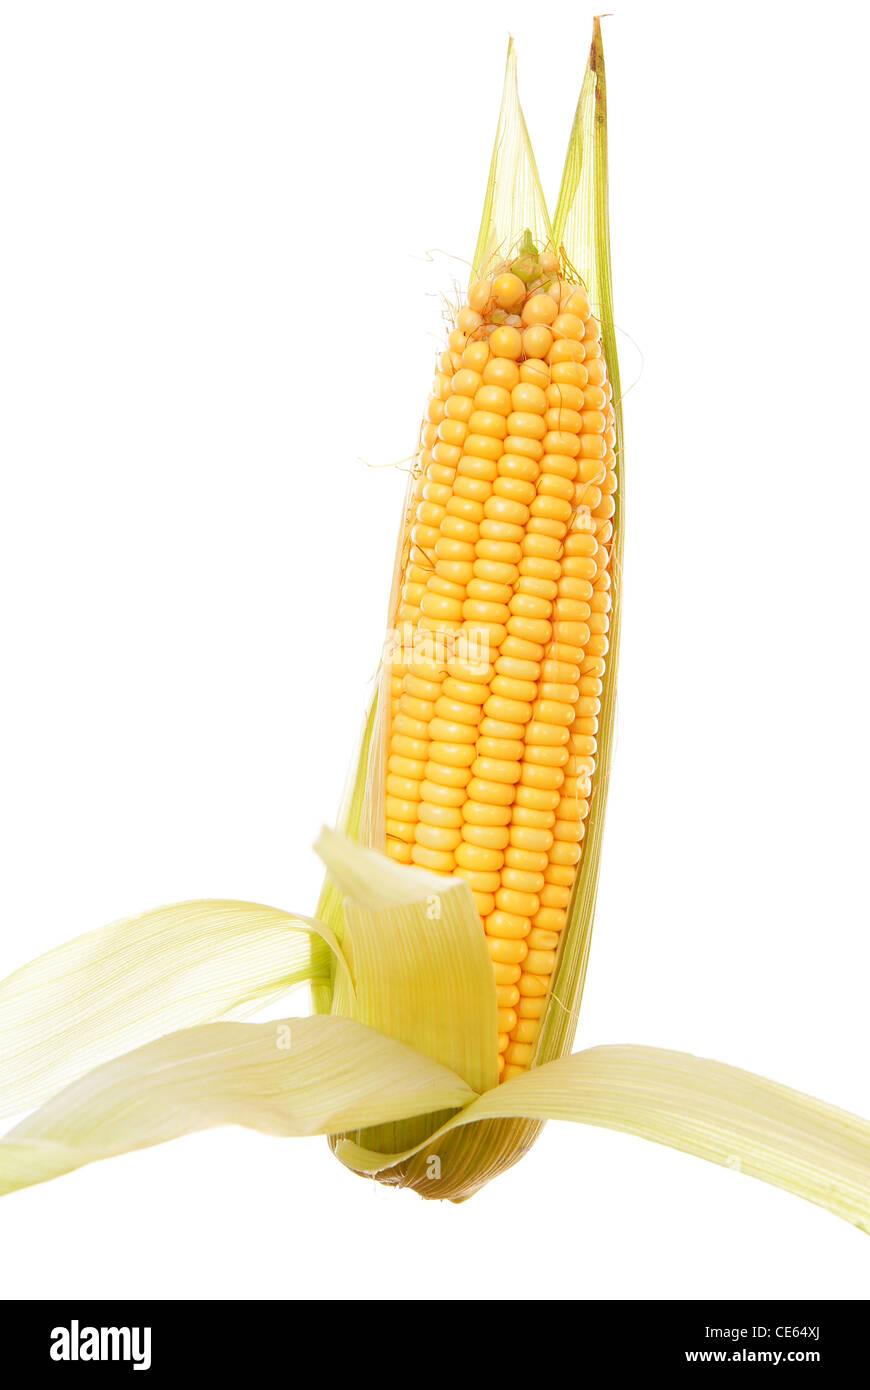 Les matières et le maïs mûr sur fond blanc Photo Stock